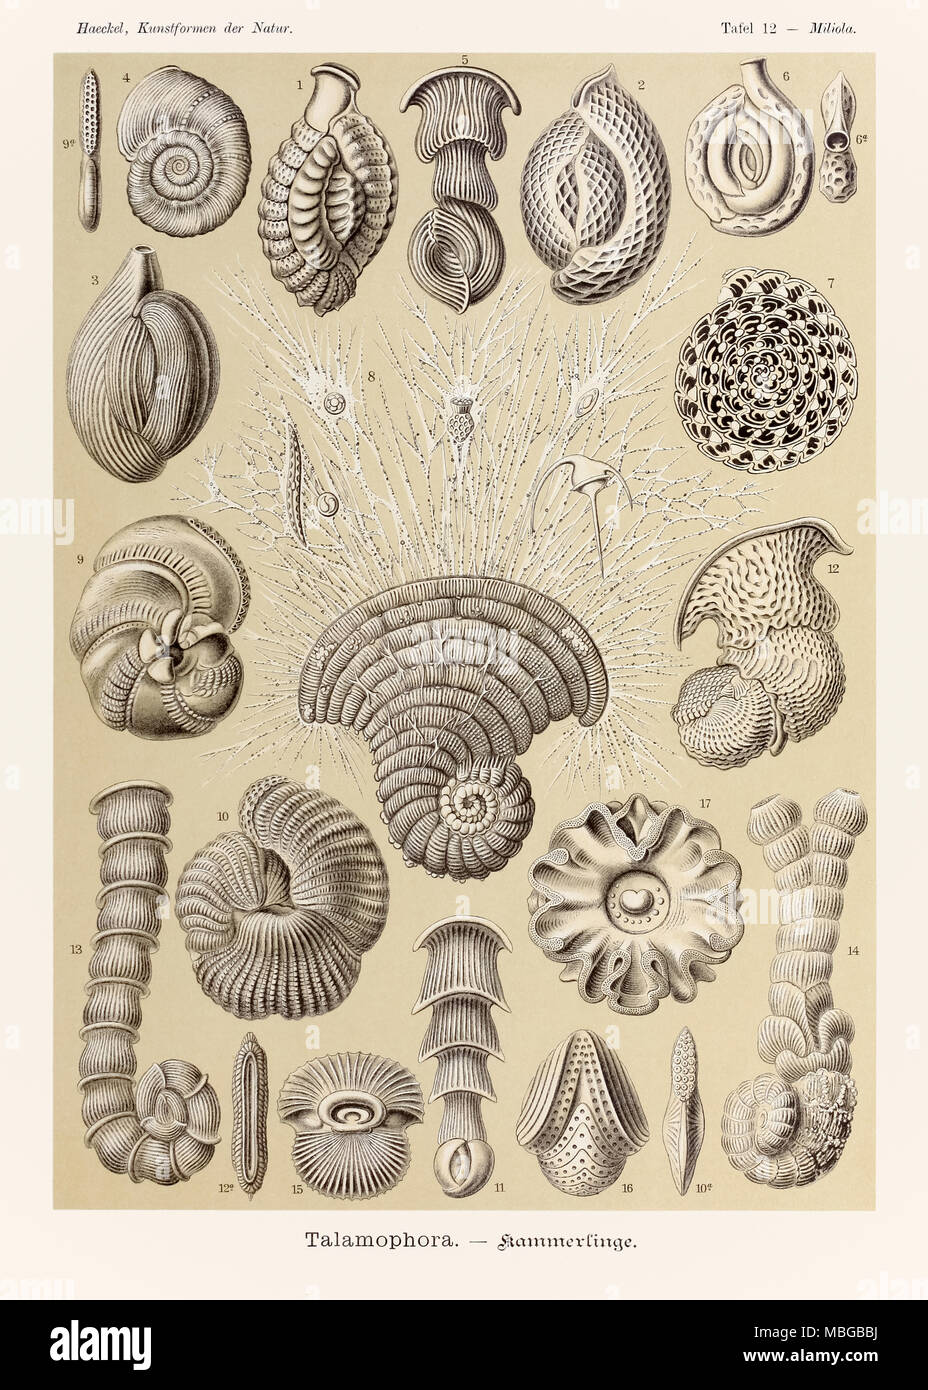 """Piastra 12 Miliola Talamophora da 'Kunstformen der Natur"""" (forme d'Arte nella Natura) illustrato da Ernst Haeckel (1834-1919). Vedere ulteriori informazioni qui di seguito. Immagini Stock"""